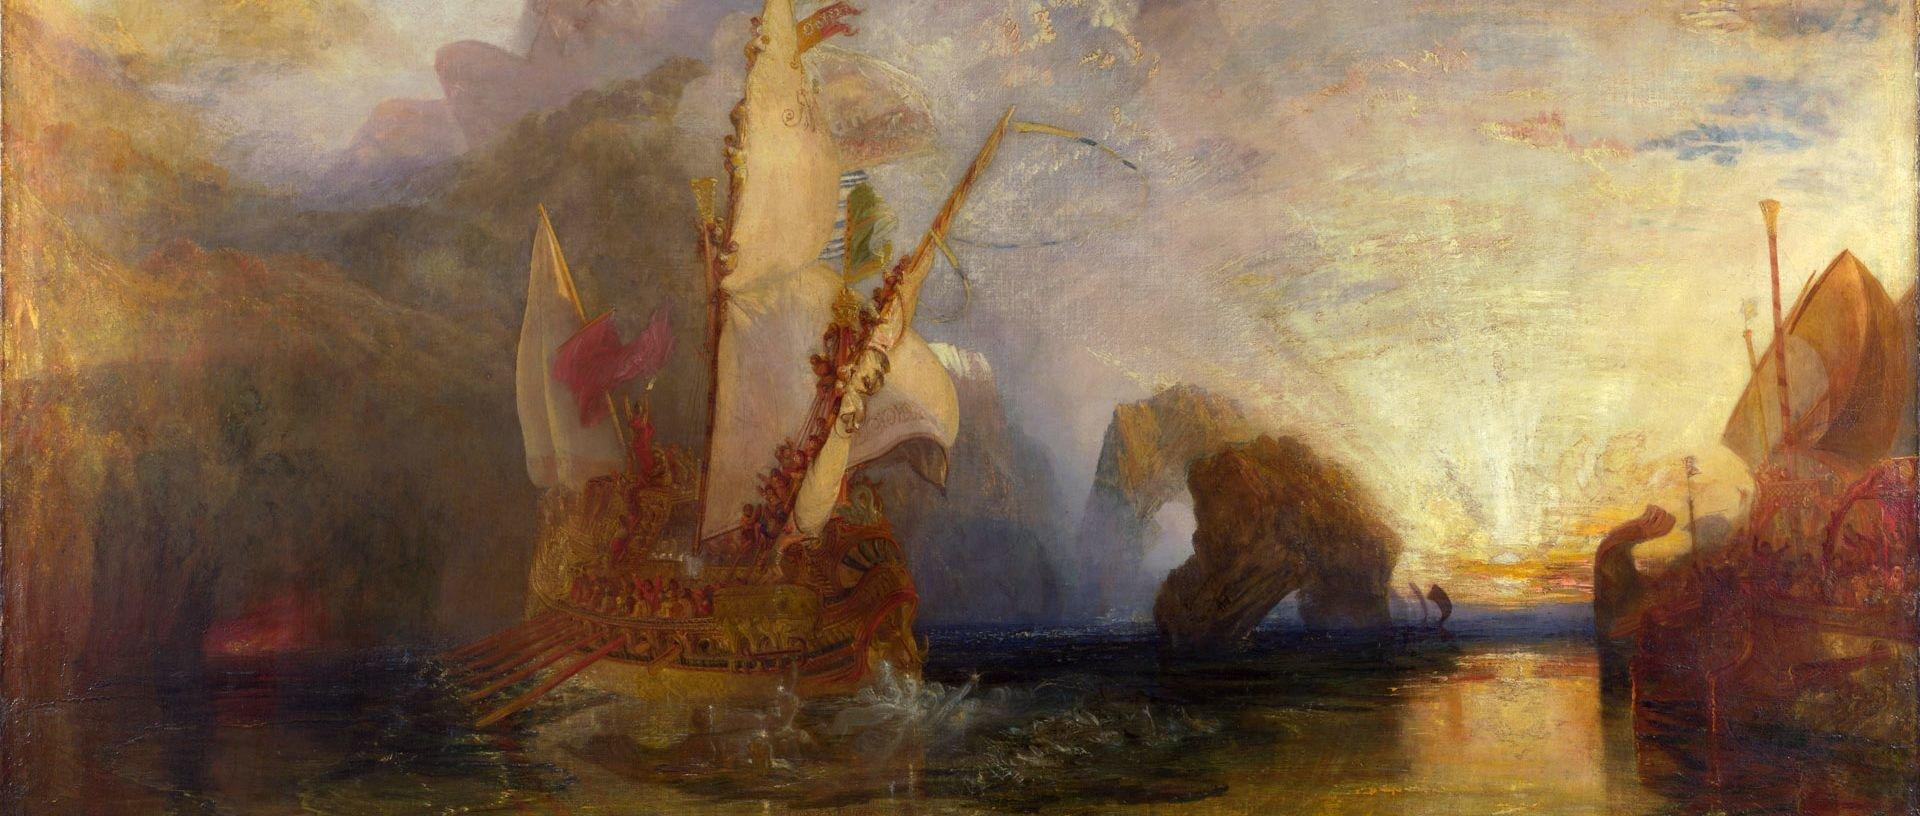 Odys drwi zPolifema Źródło: Joseph Mallord William Turner, Odys drwi zPolifema, 1829, olej na płótnie, National Gallery wLondynie, domena publiczna.